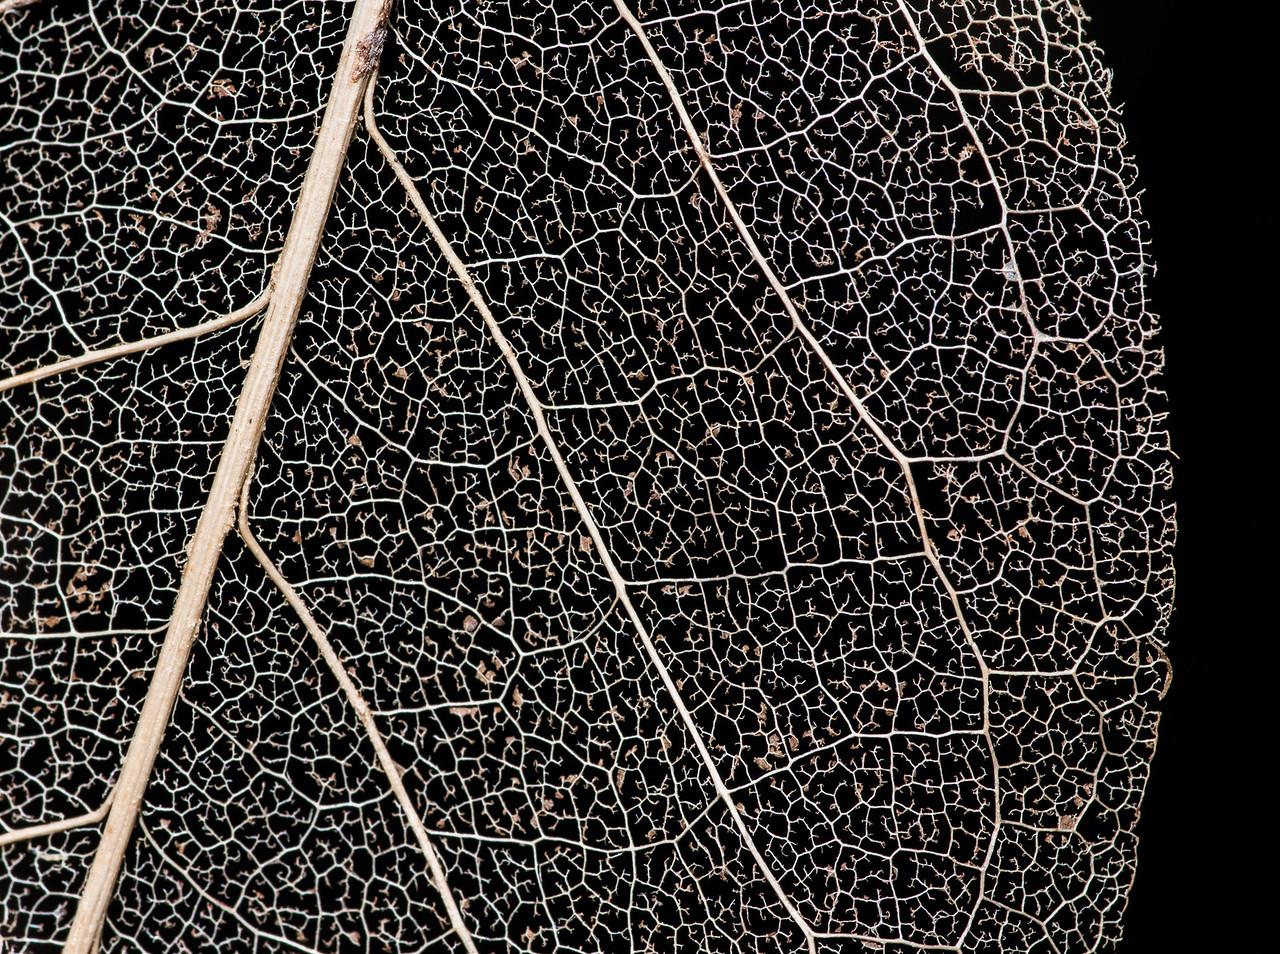 skeletonized Magnolia leaf